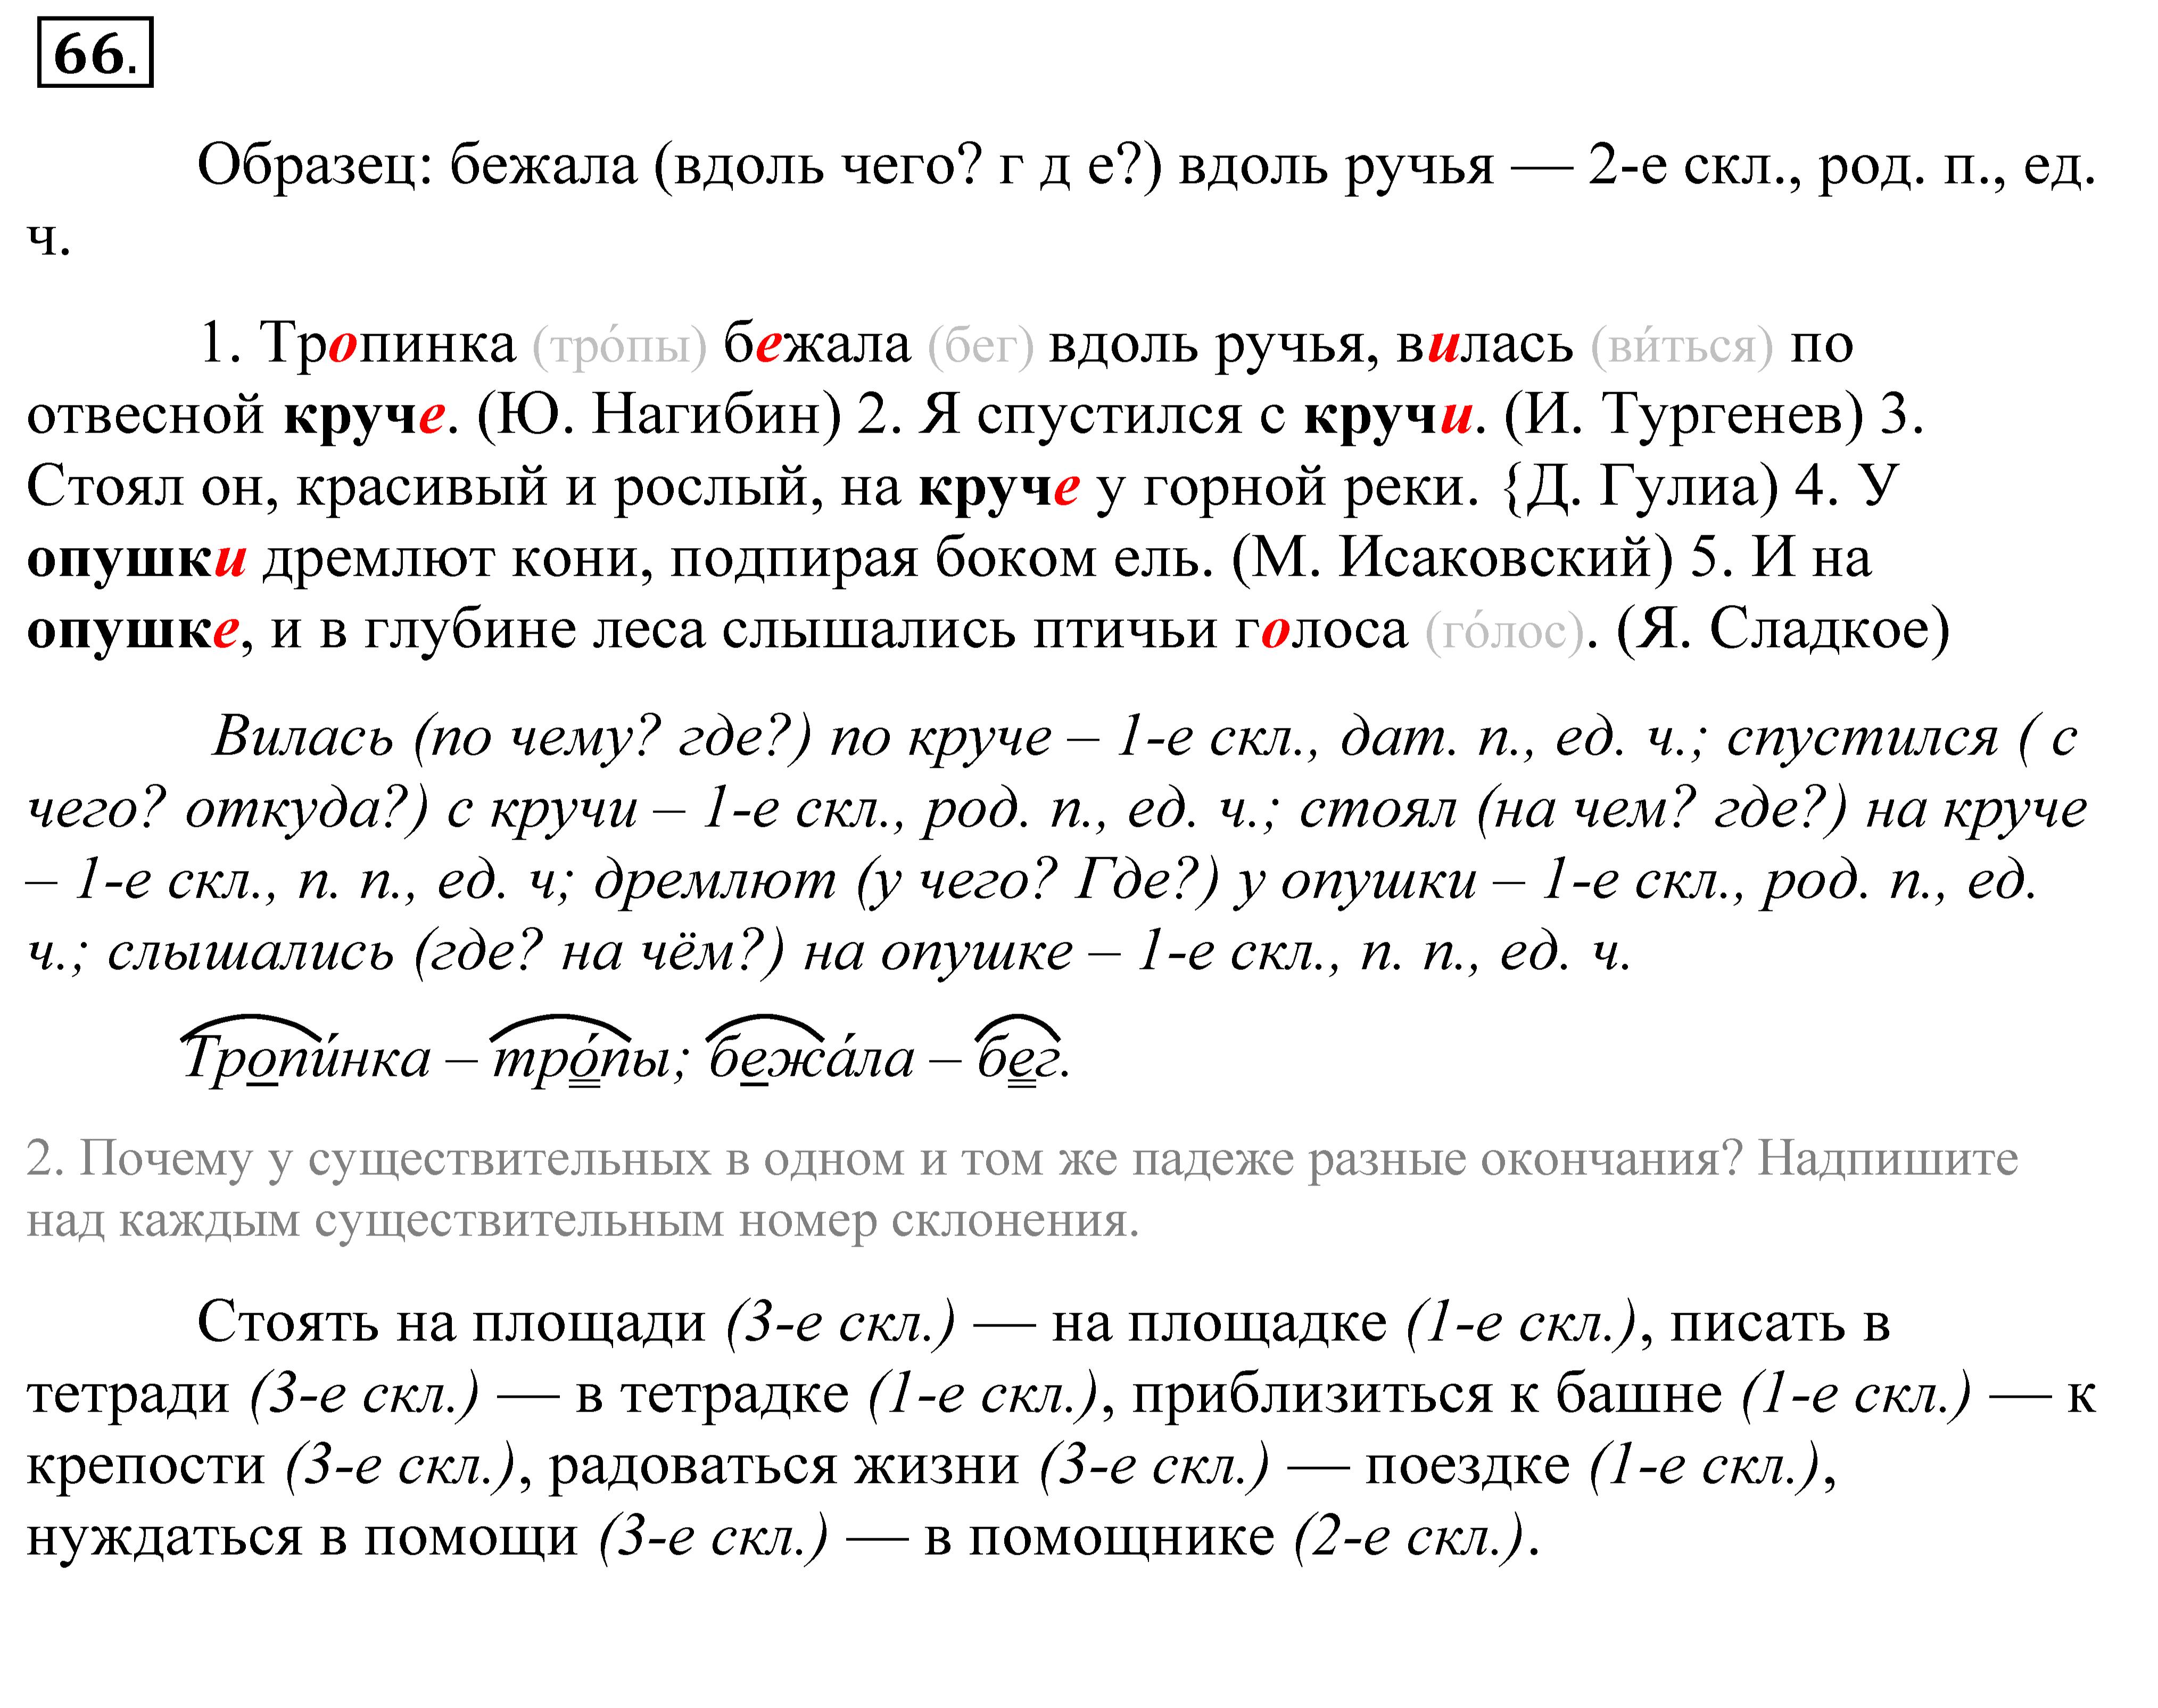 Гдз и решебник 5 класс по русскому г державин 2018 год